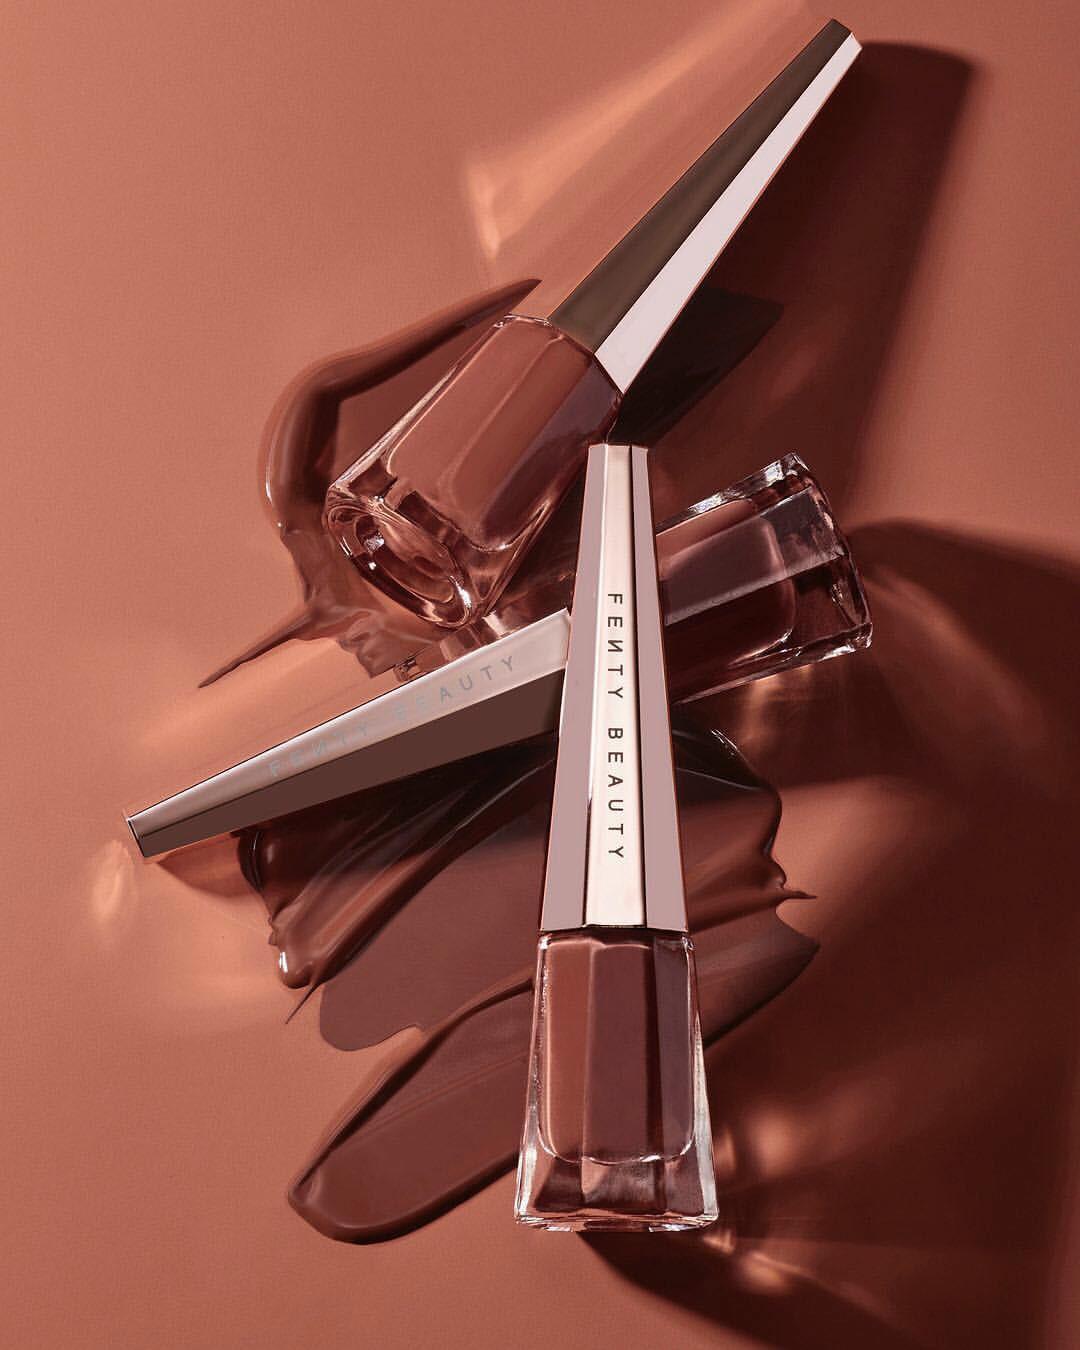 Đánh thử 2 màu son nude hot hit hứa hẹn ai diện cũng đẹp của Fenty Beauty, các beauty editor đã có phản ứng trái chiều đầy bất ngờ - Ảnh 1.